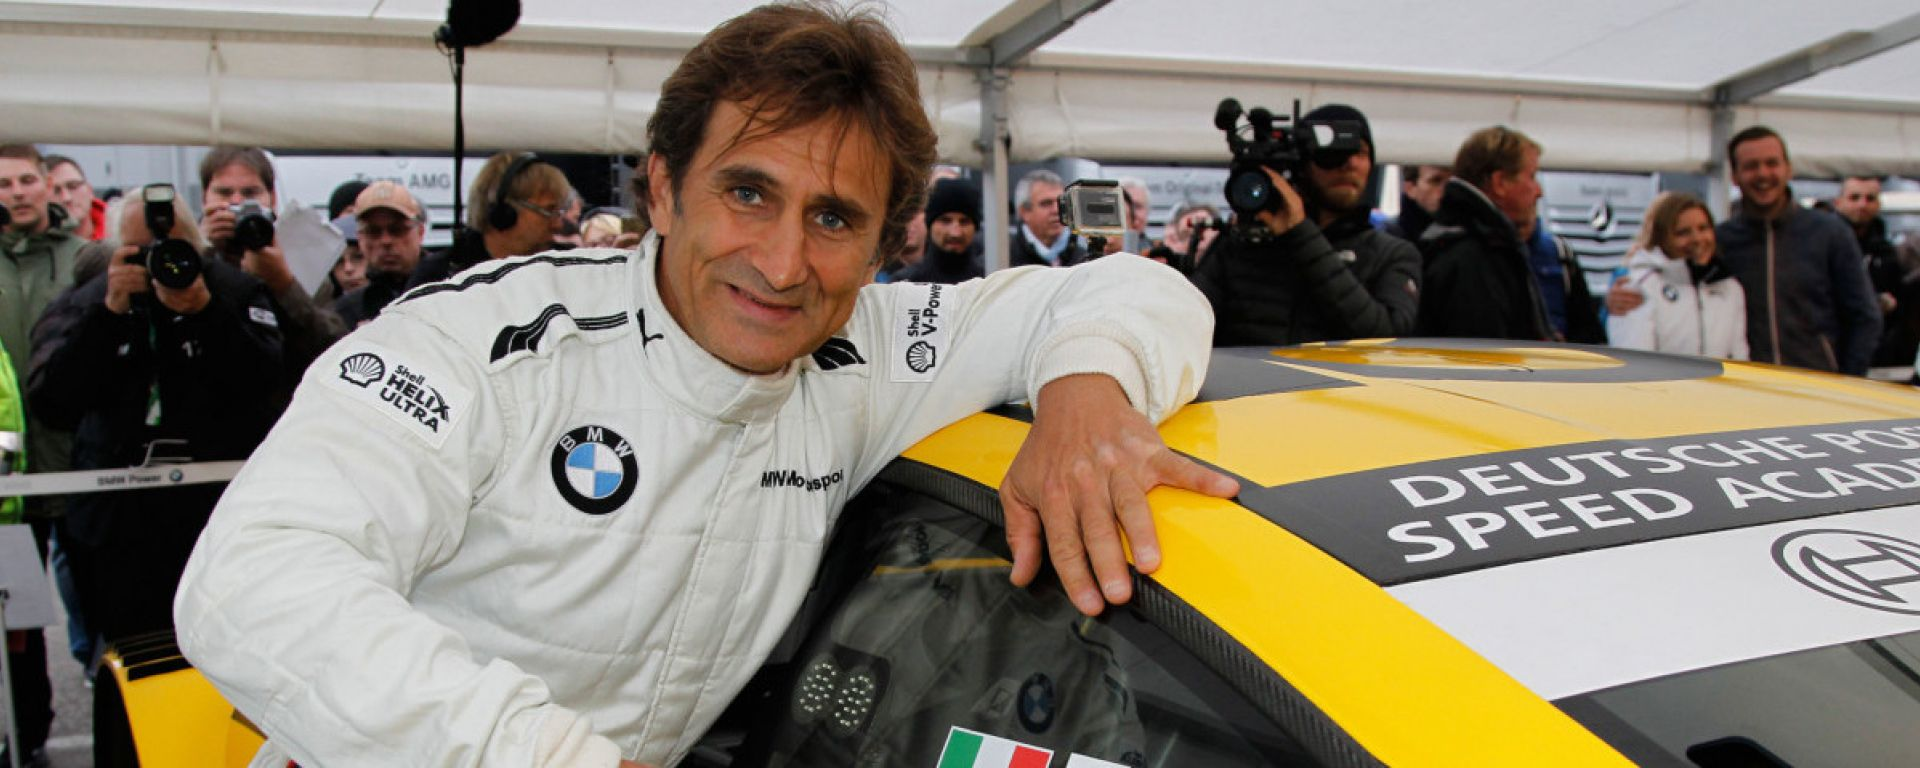 DTM, Alez Zanardi con la BMW a Misano nel 2018